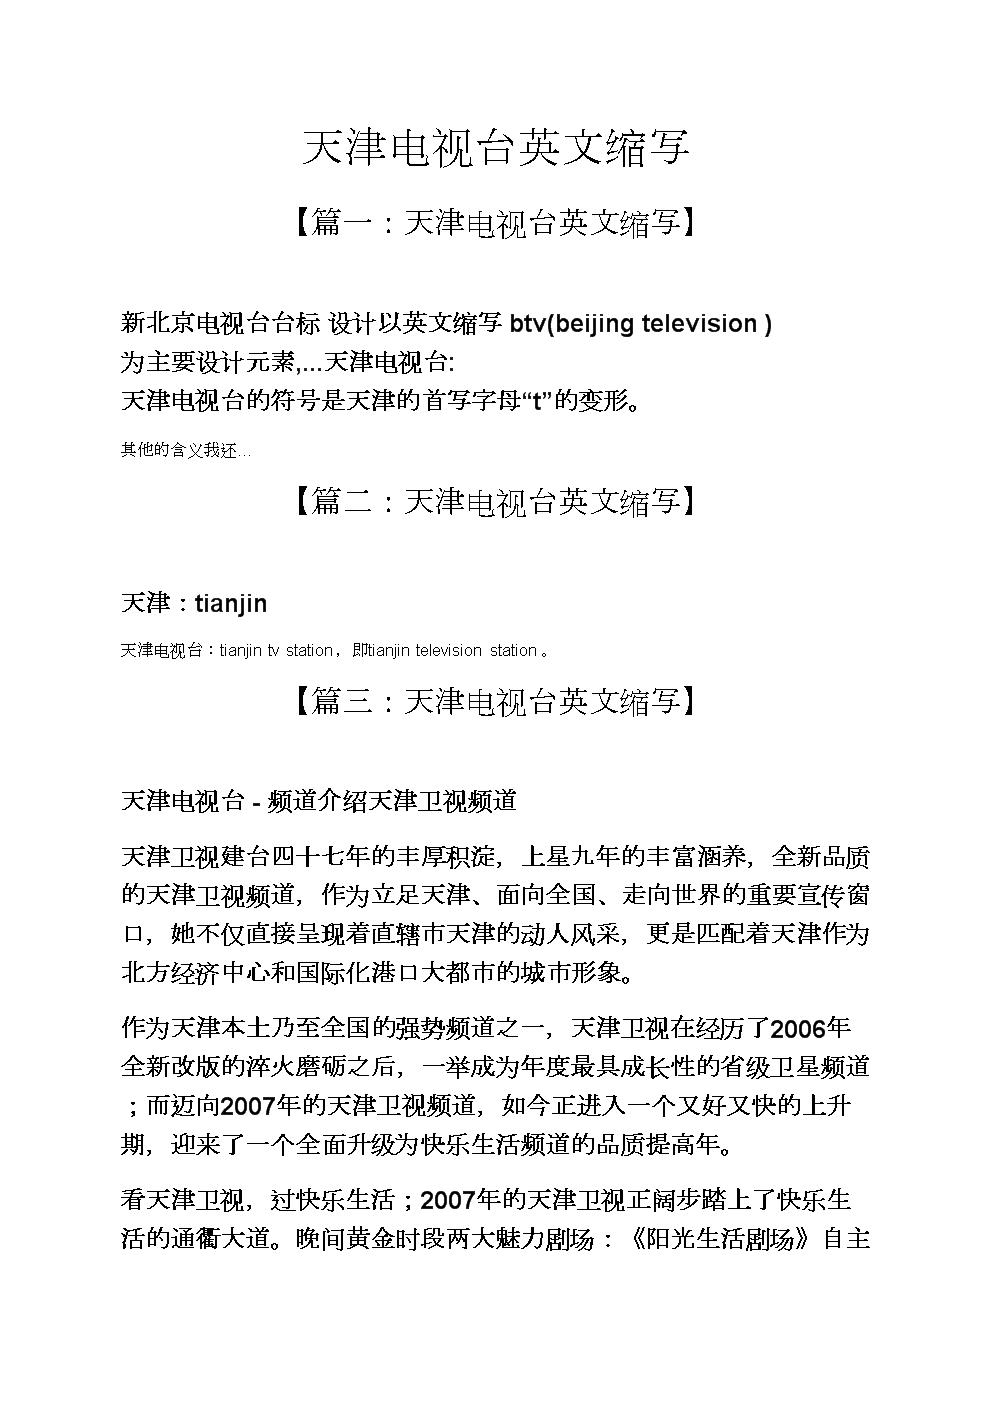 天津电视台英文缩写.docx